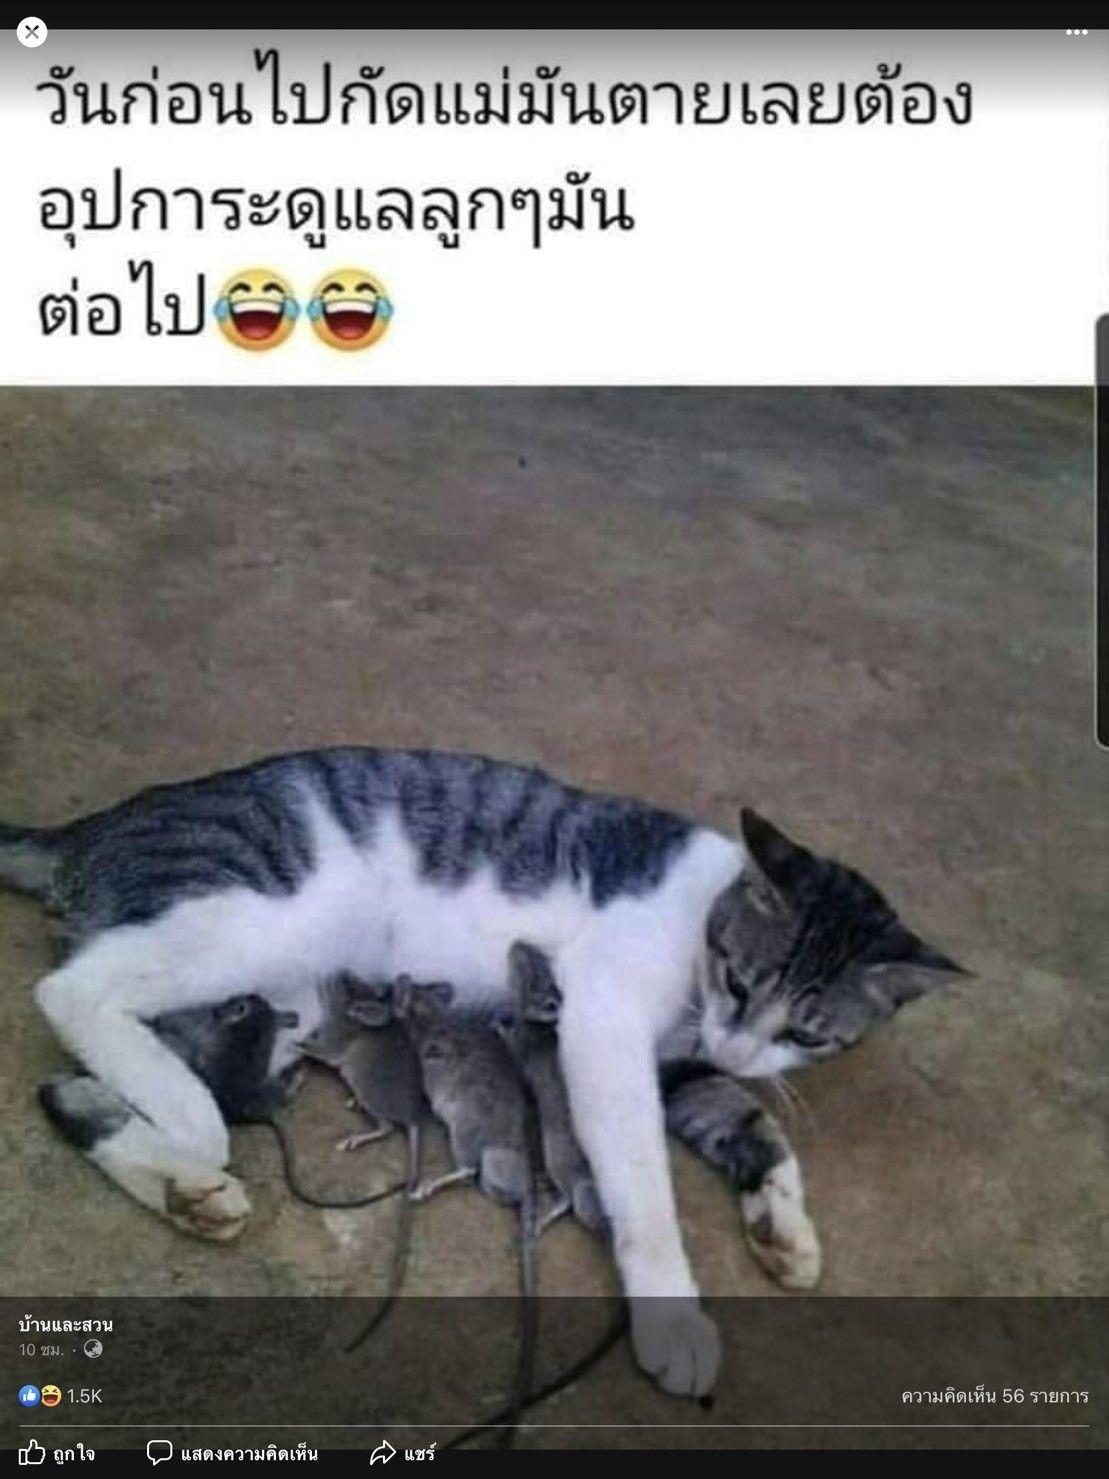 ป กพ นโดย ศ ภช พ ใน แมว แมว